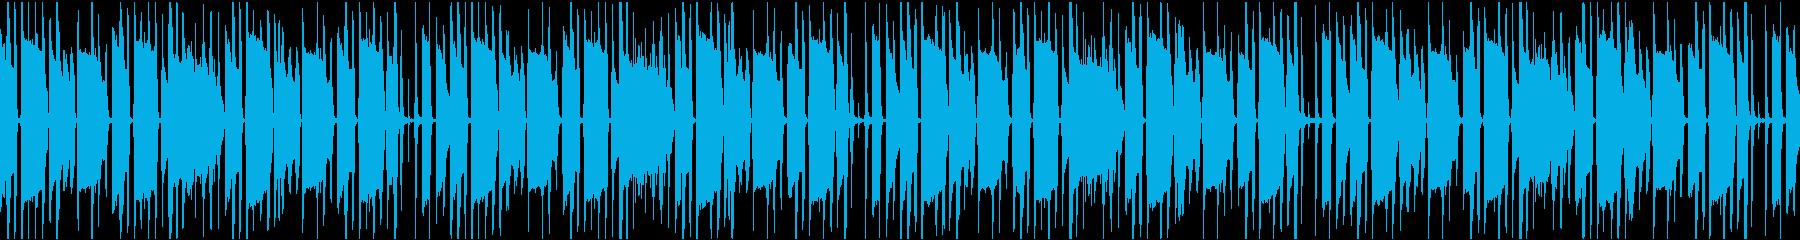 ポンコツ会話の再生済みの波形